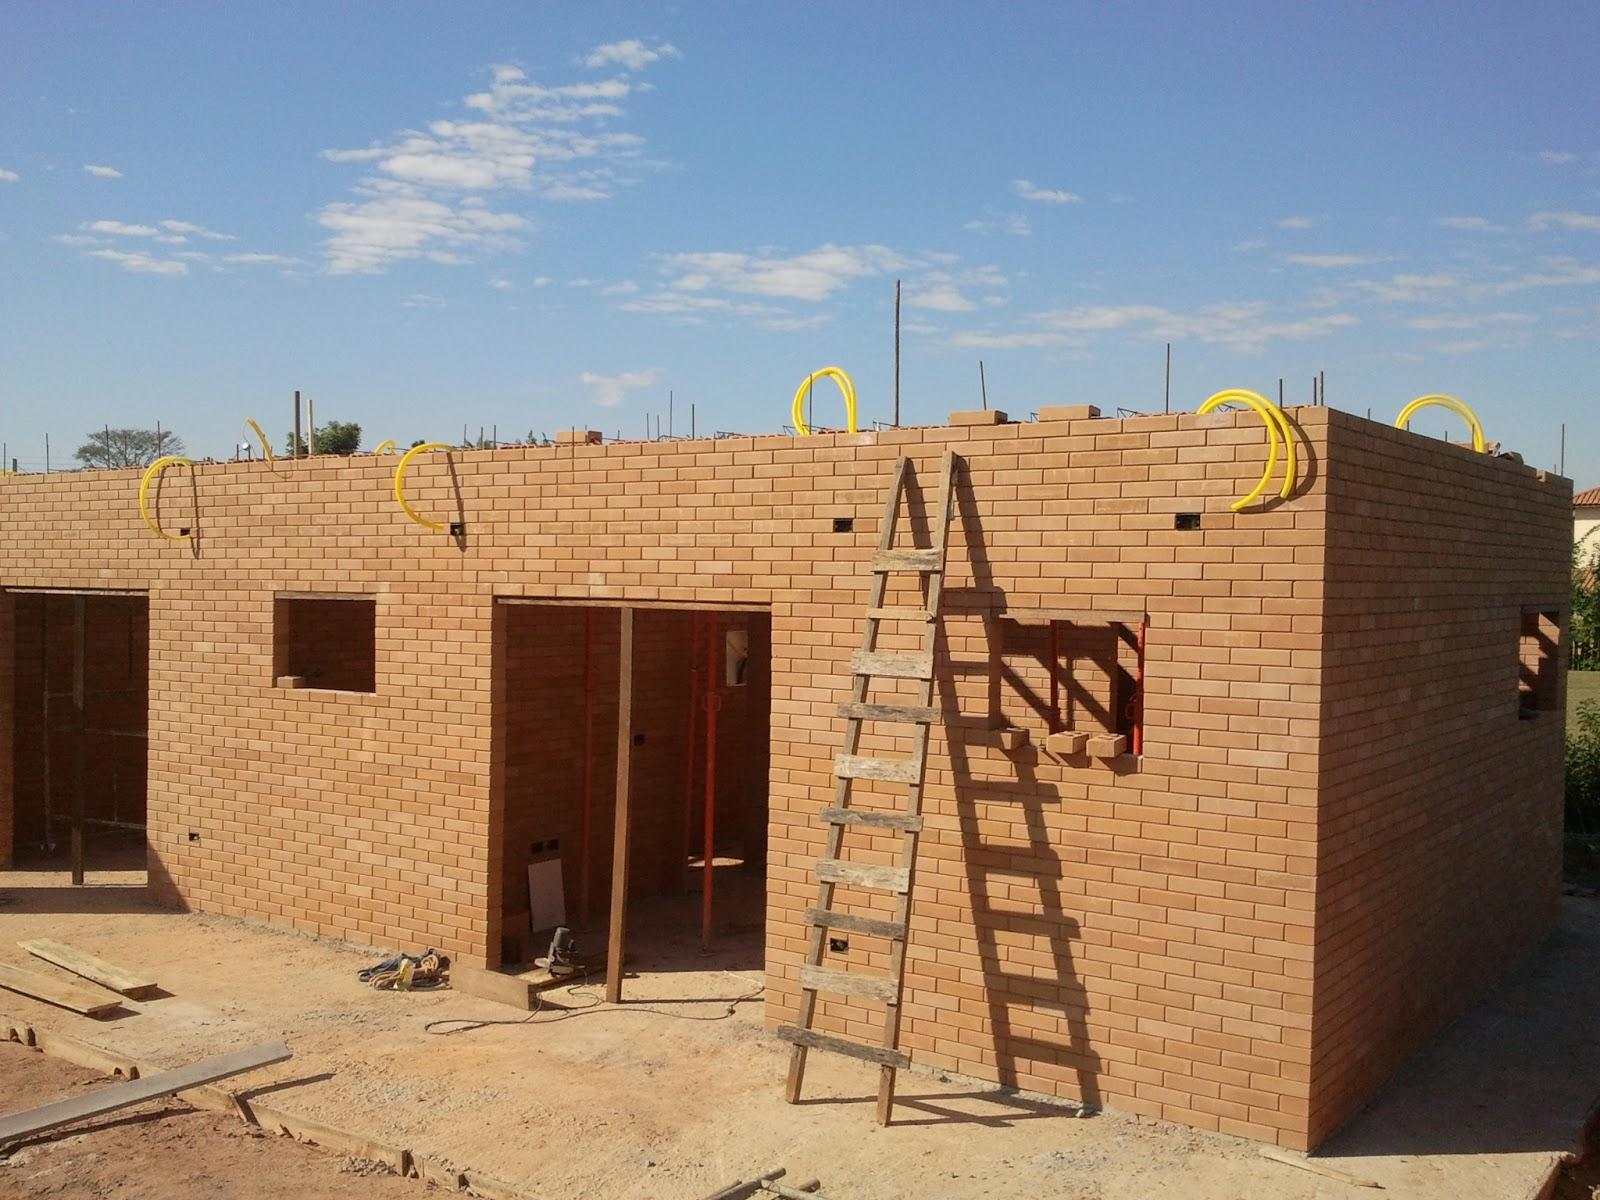 Construindo e Ampliando com Tijolo Solo cimento / Ecológico: Laje 1 #956F36 1600x1200 Banheiro Com Tijolo Ecologico